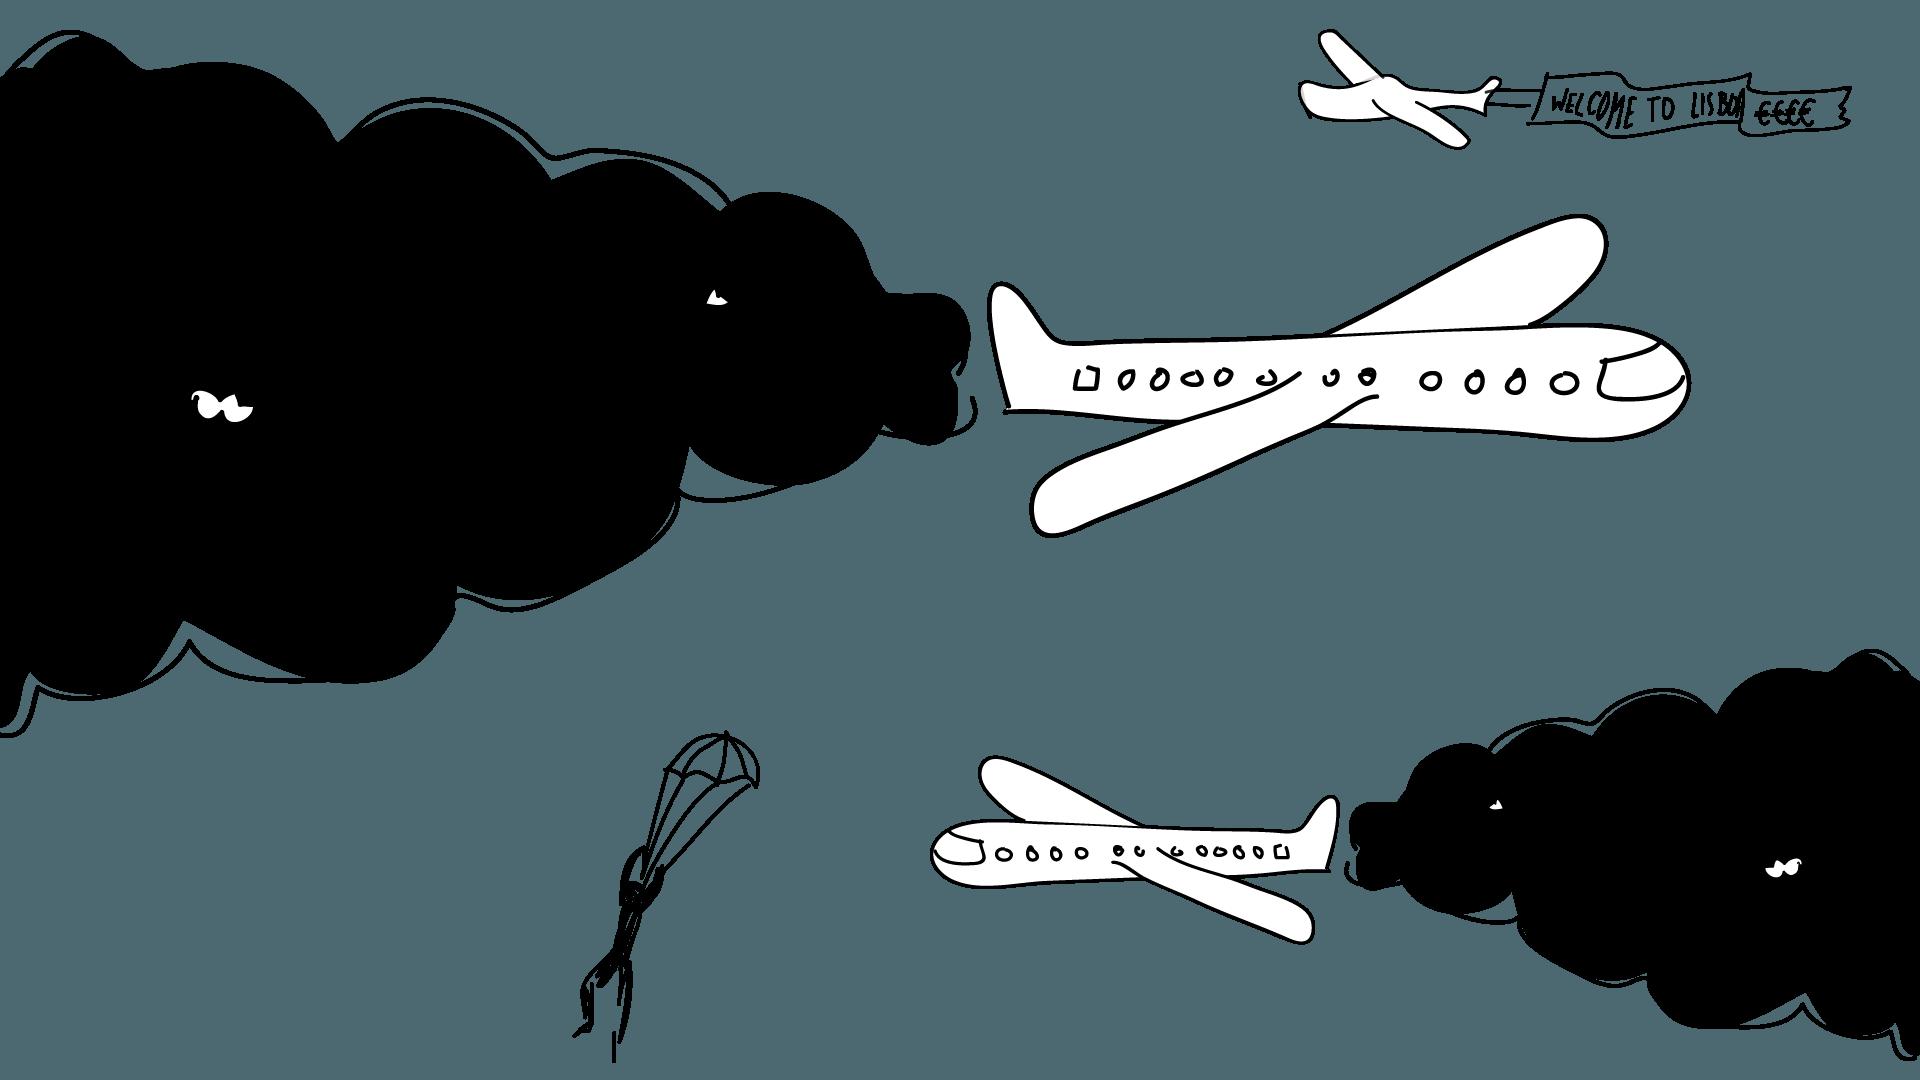 Aumento do tráfego aéreo NÃO! Economia pós-carbónica SIM!